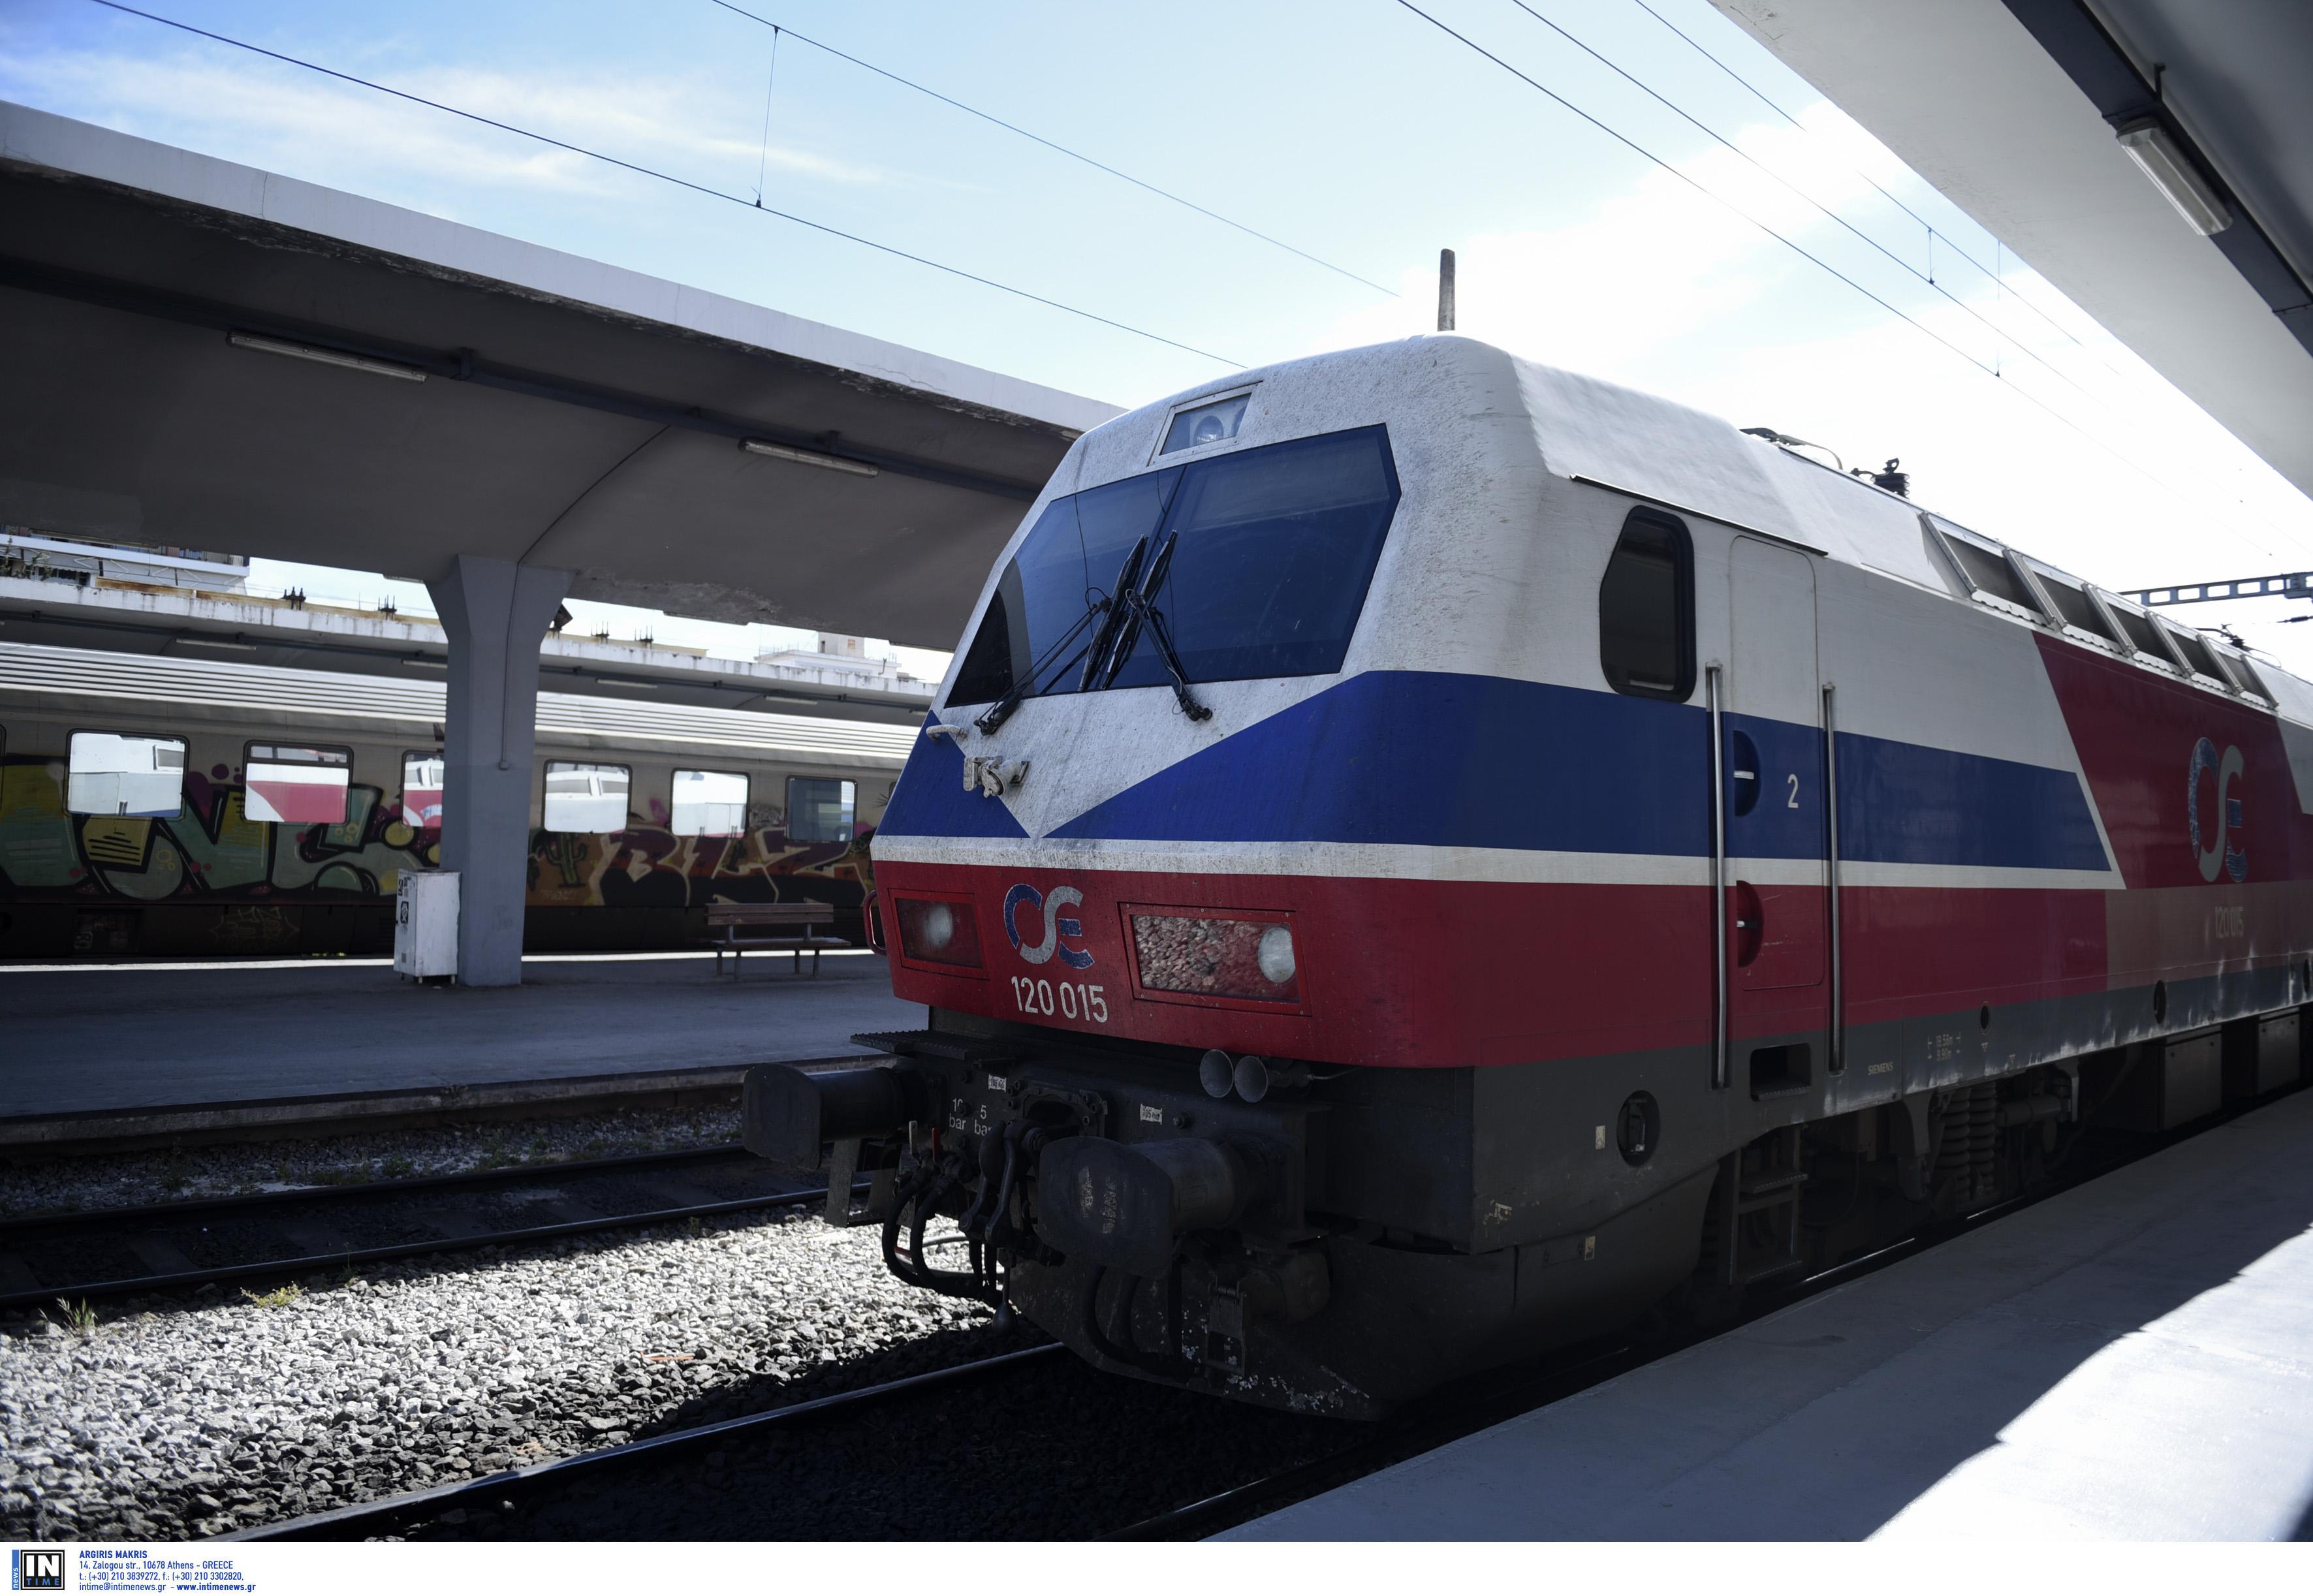 Θεσσαλονίκη – Κορονοϊός: Τρένο μετατράπηκε σε ΜΕΘ! Σκέψεις για μεταφορά ασθενών στην Αθήνα (Βίντεο)